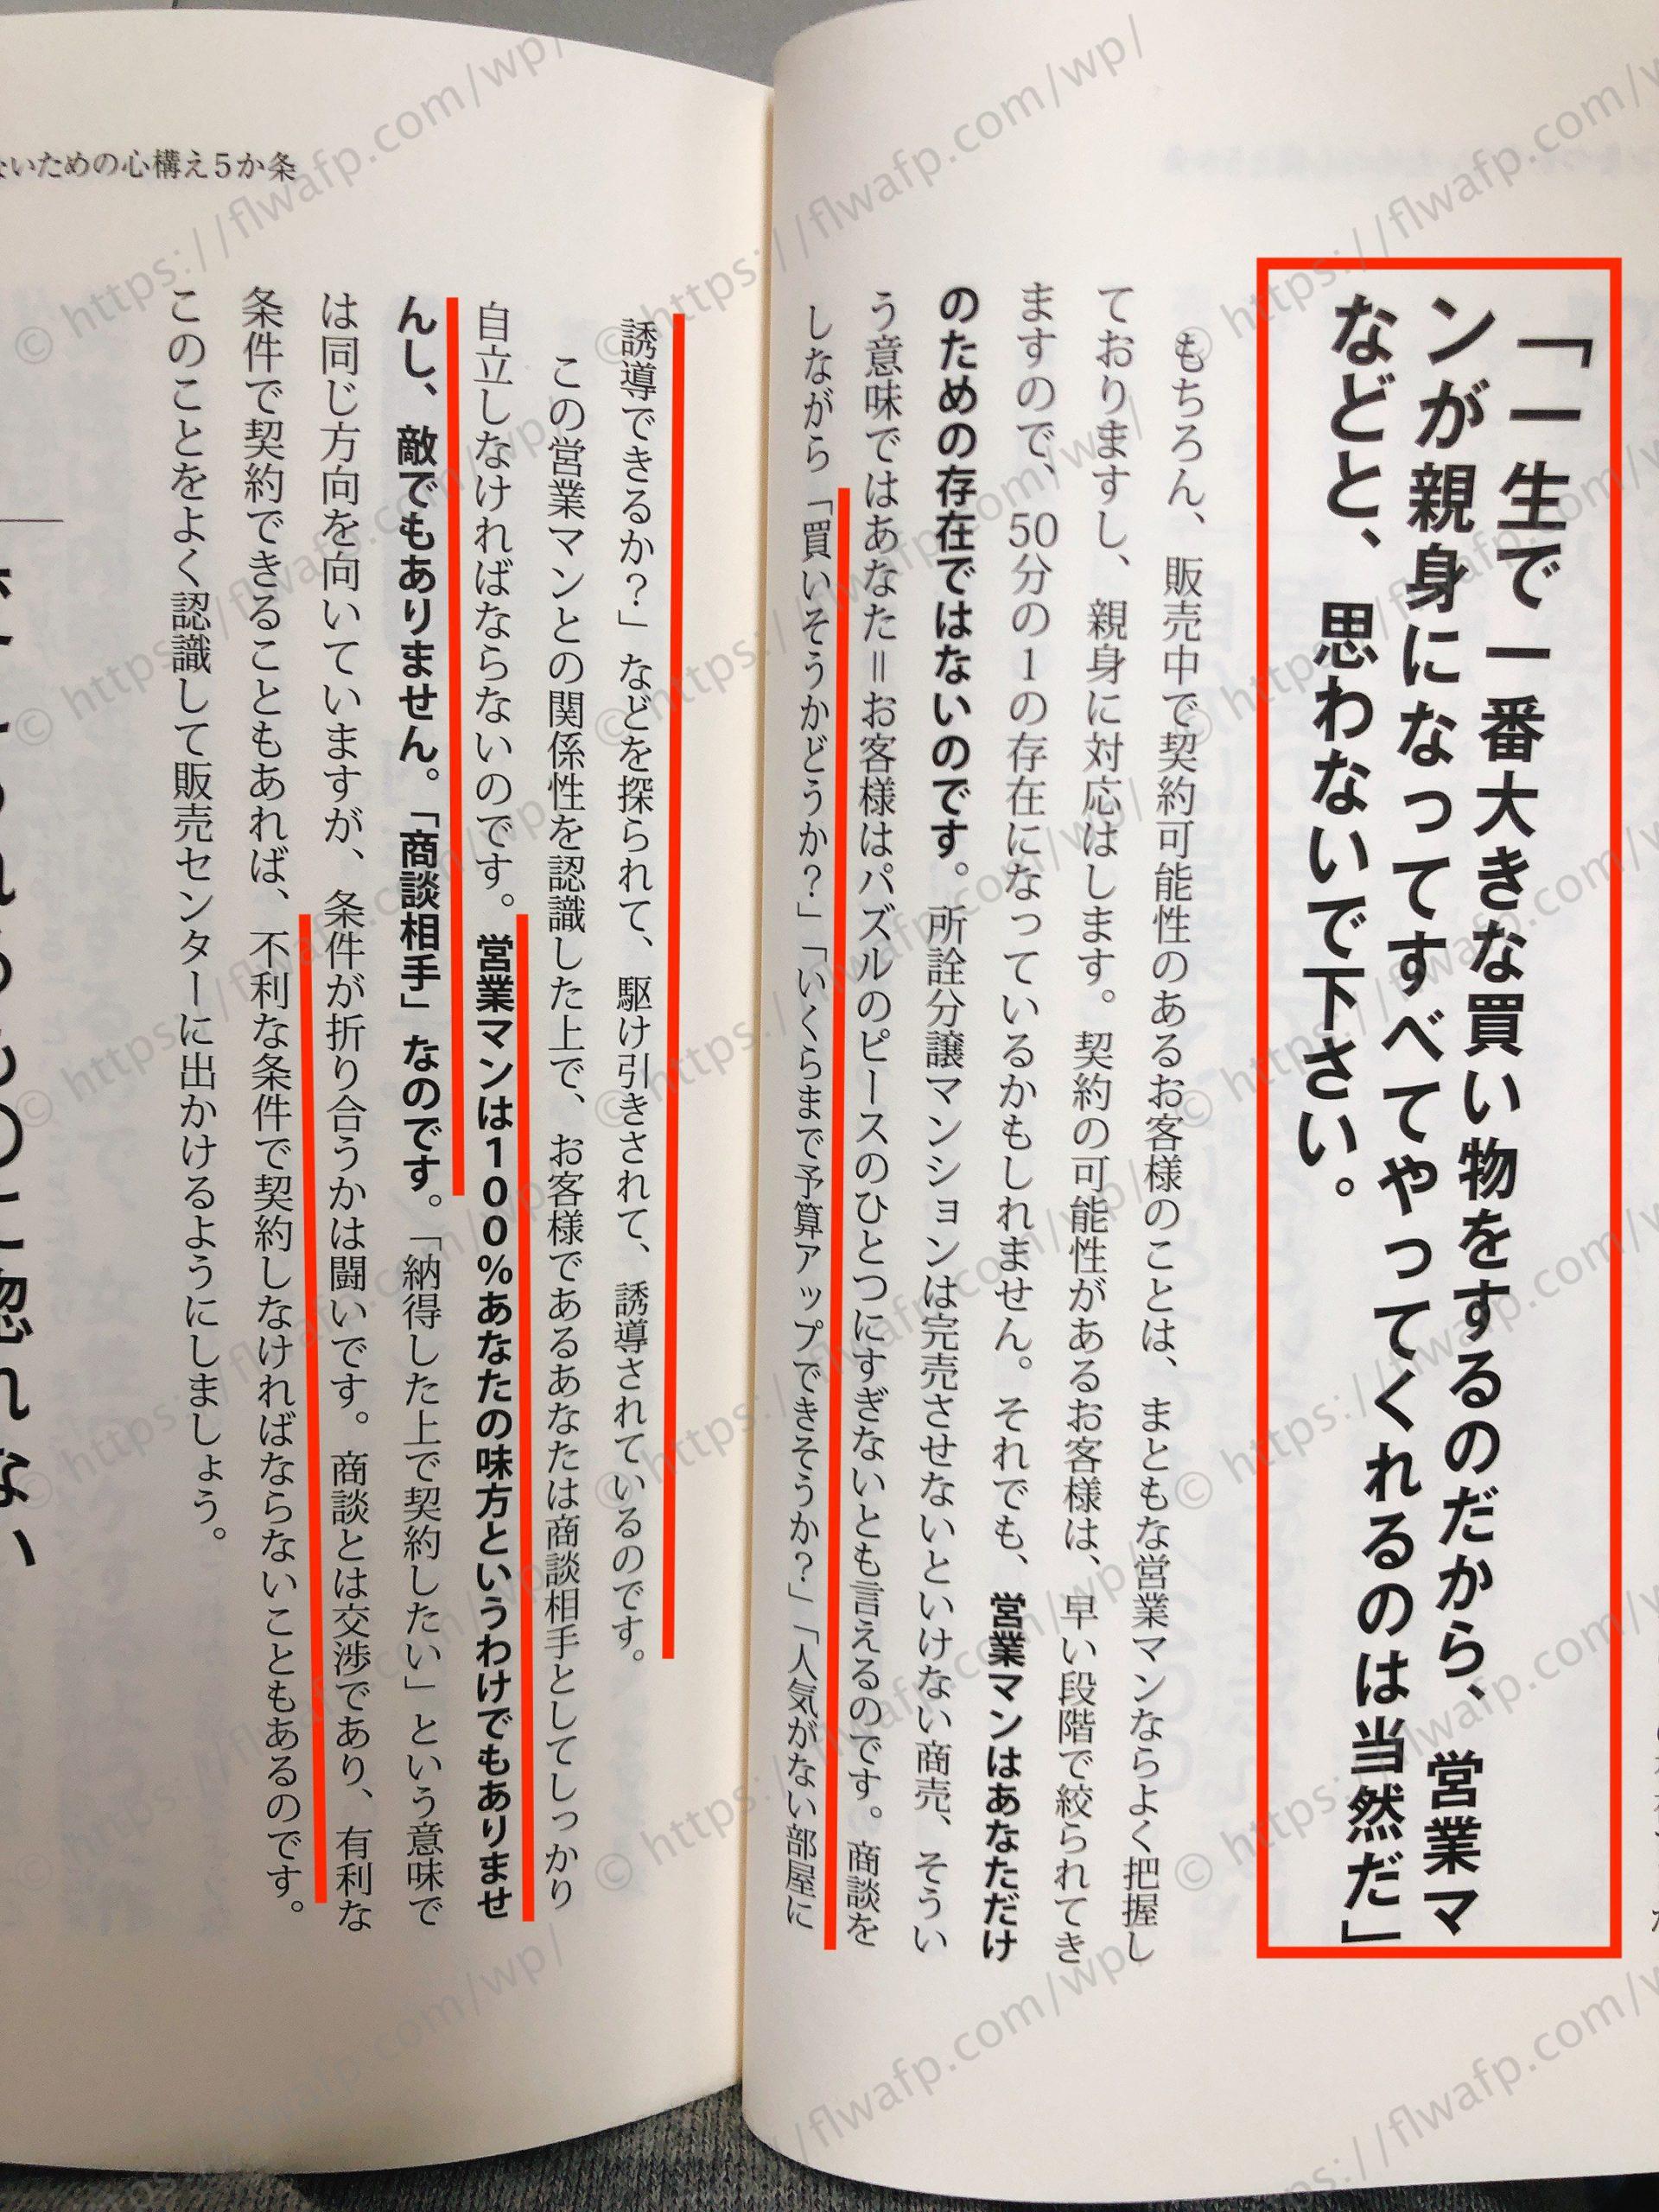 三井不動産グループの社員の言葉